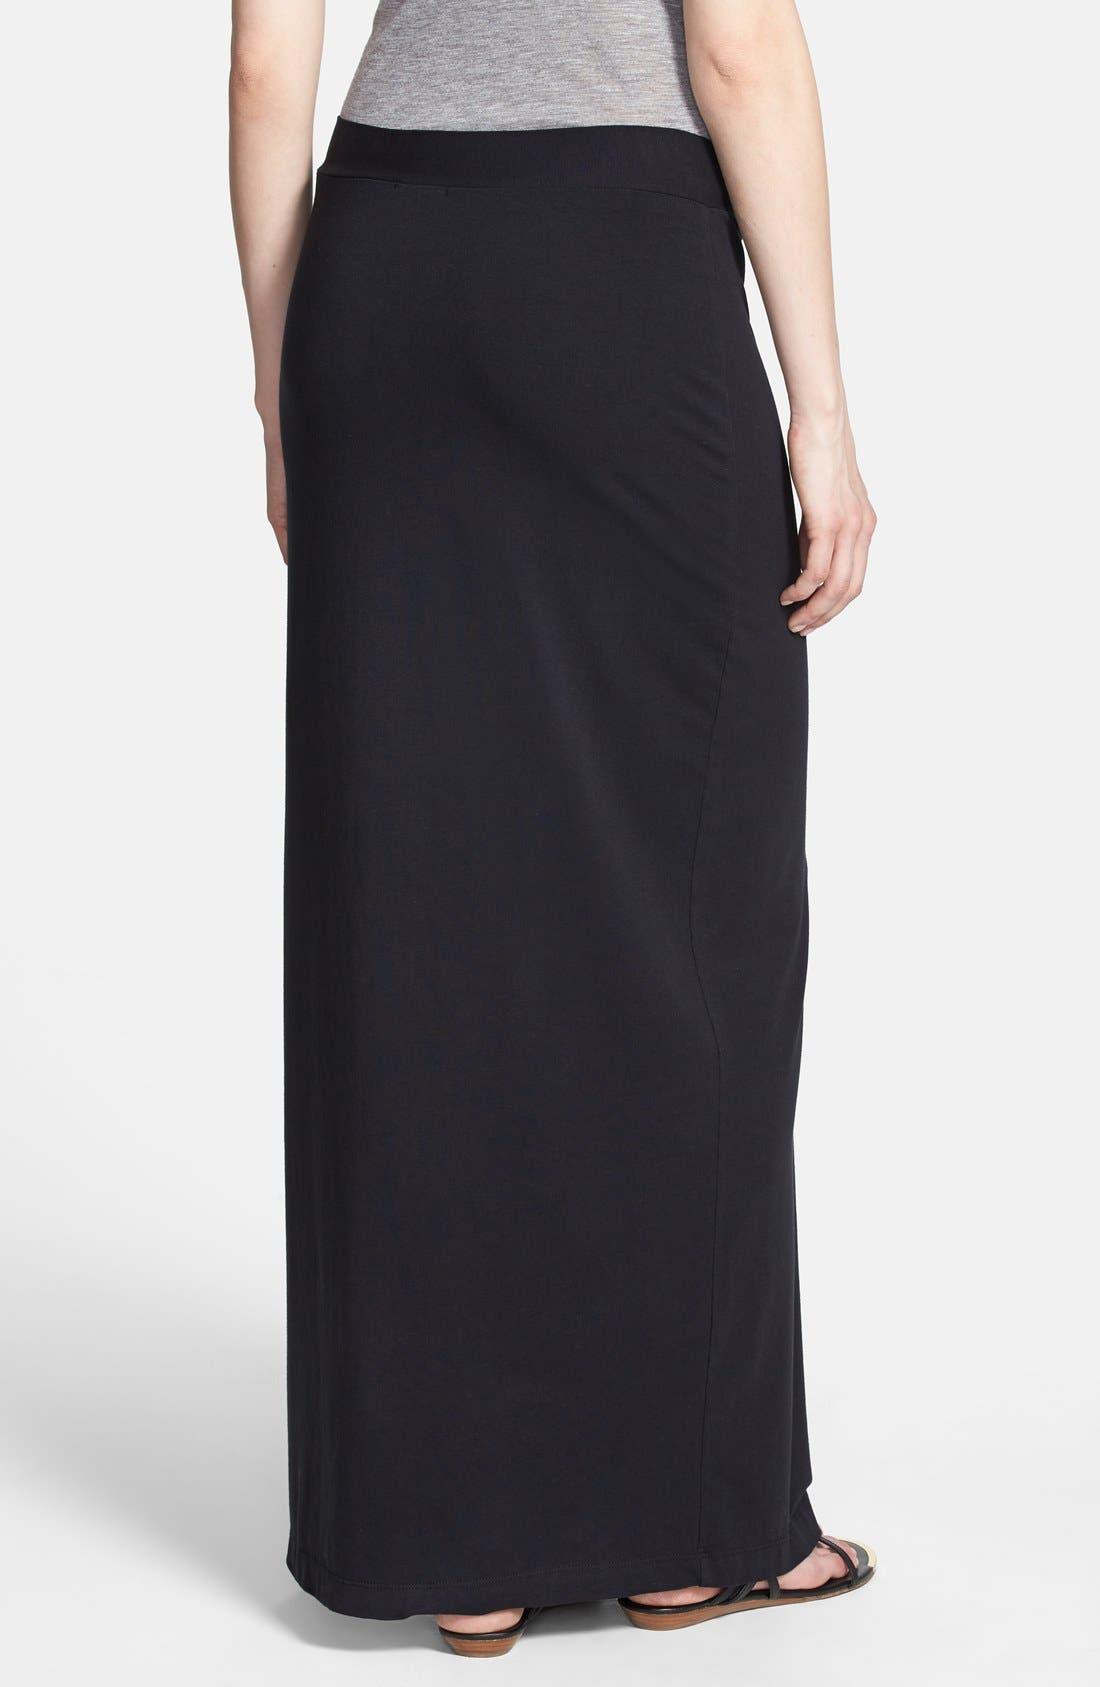 Alternate Image 2  - Splendid Side Slit Maxi Skirt